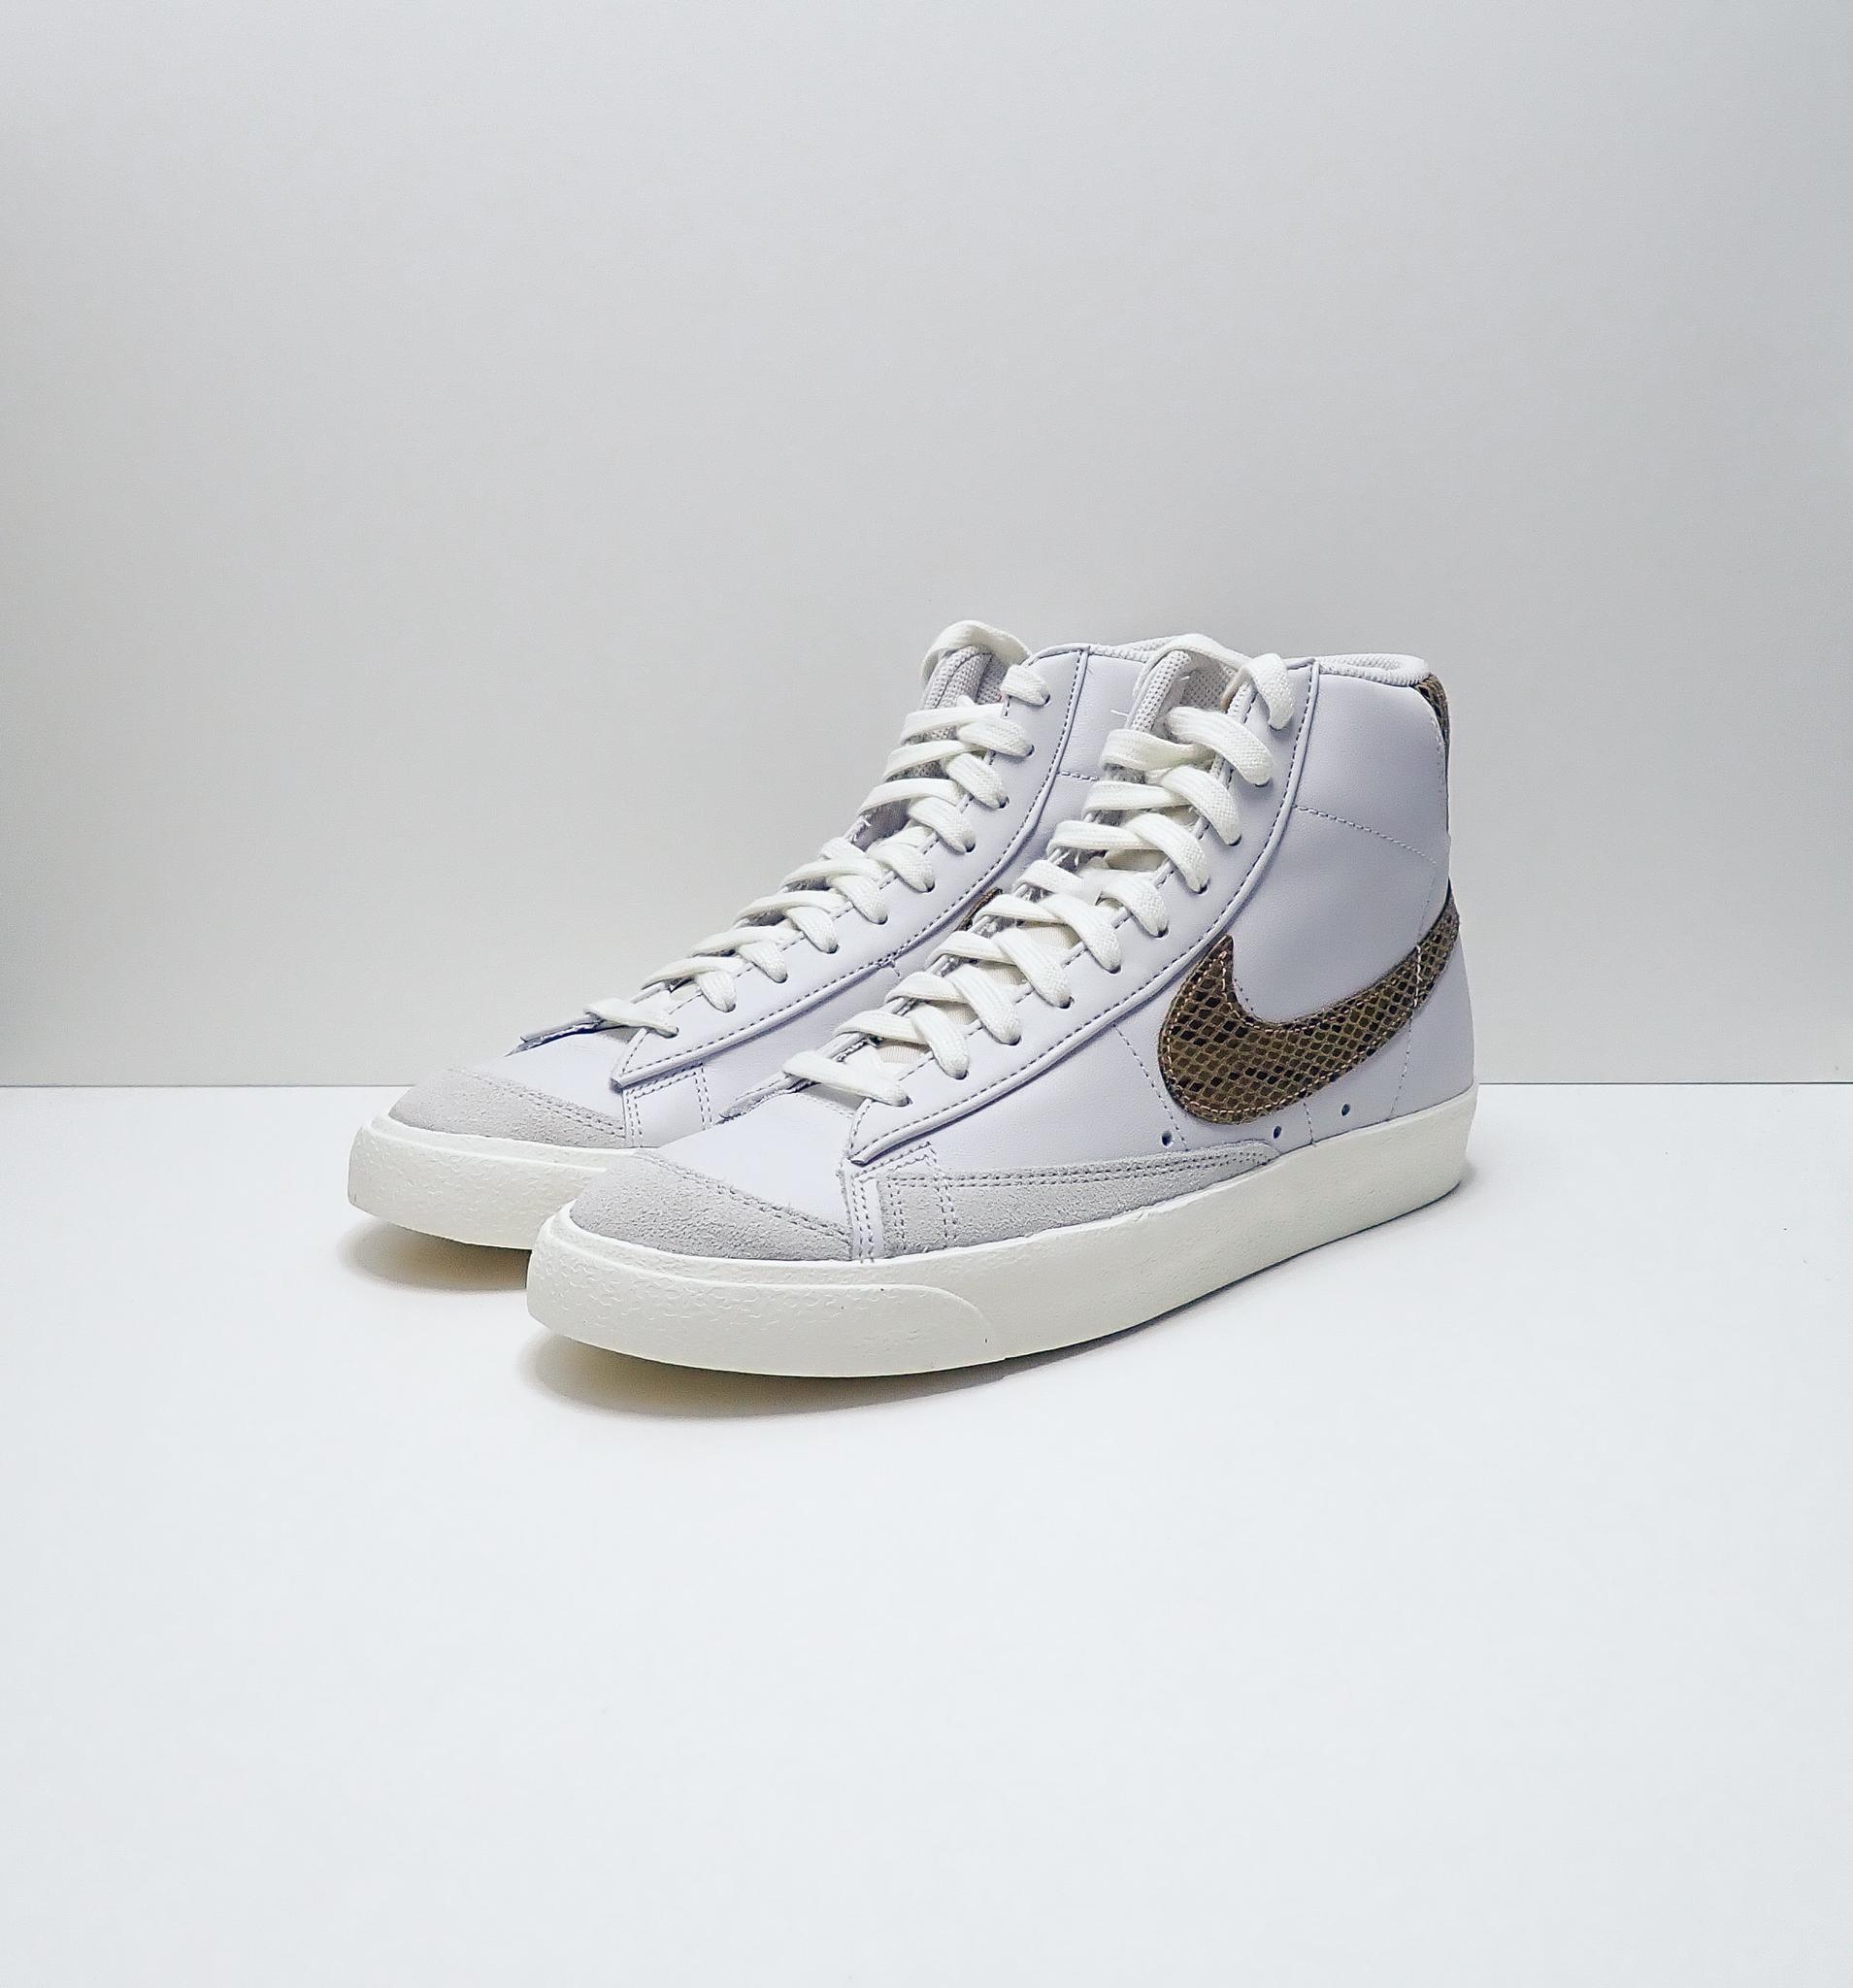 Nike Blazer Mid 77 Vintage White Snakeskin